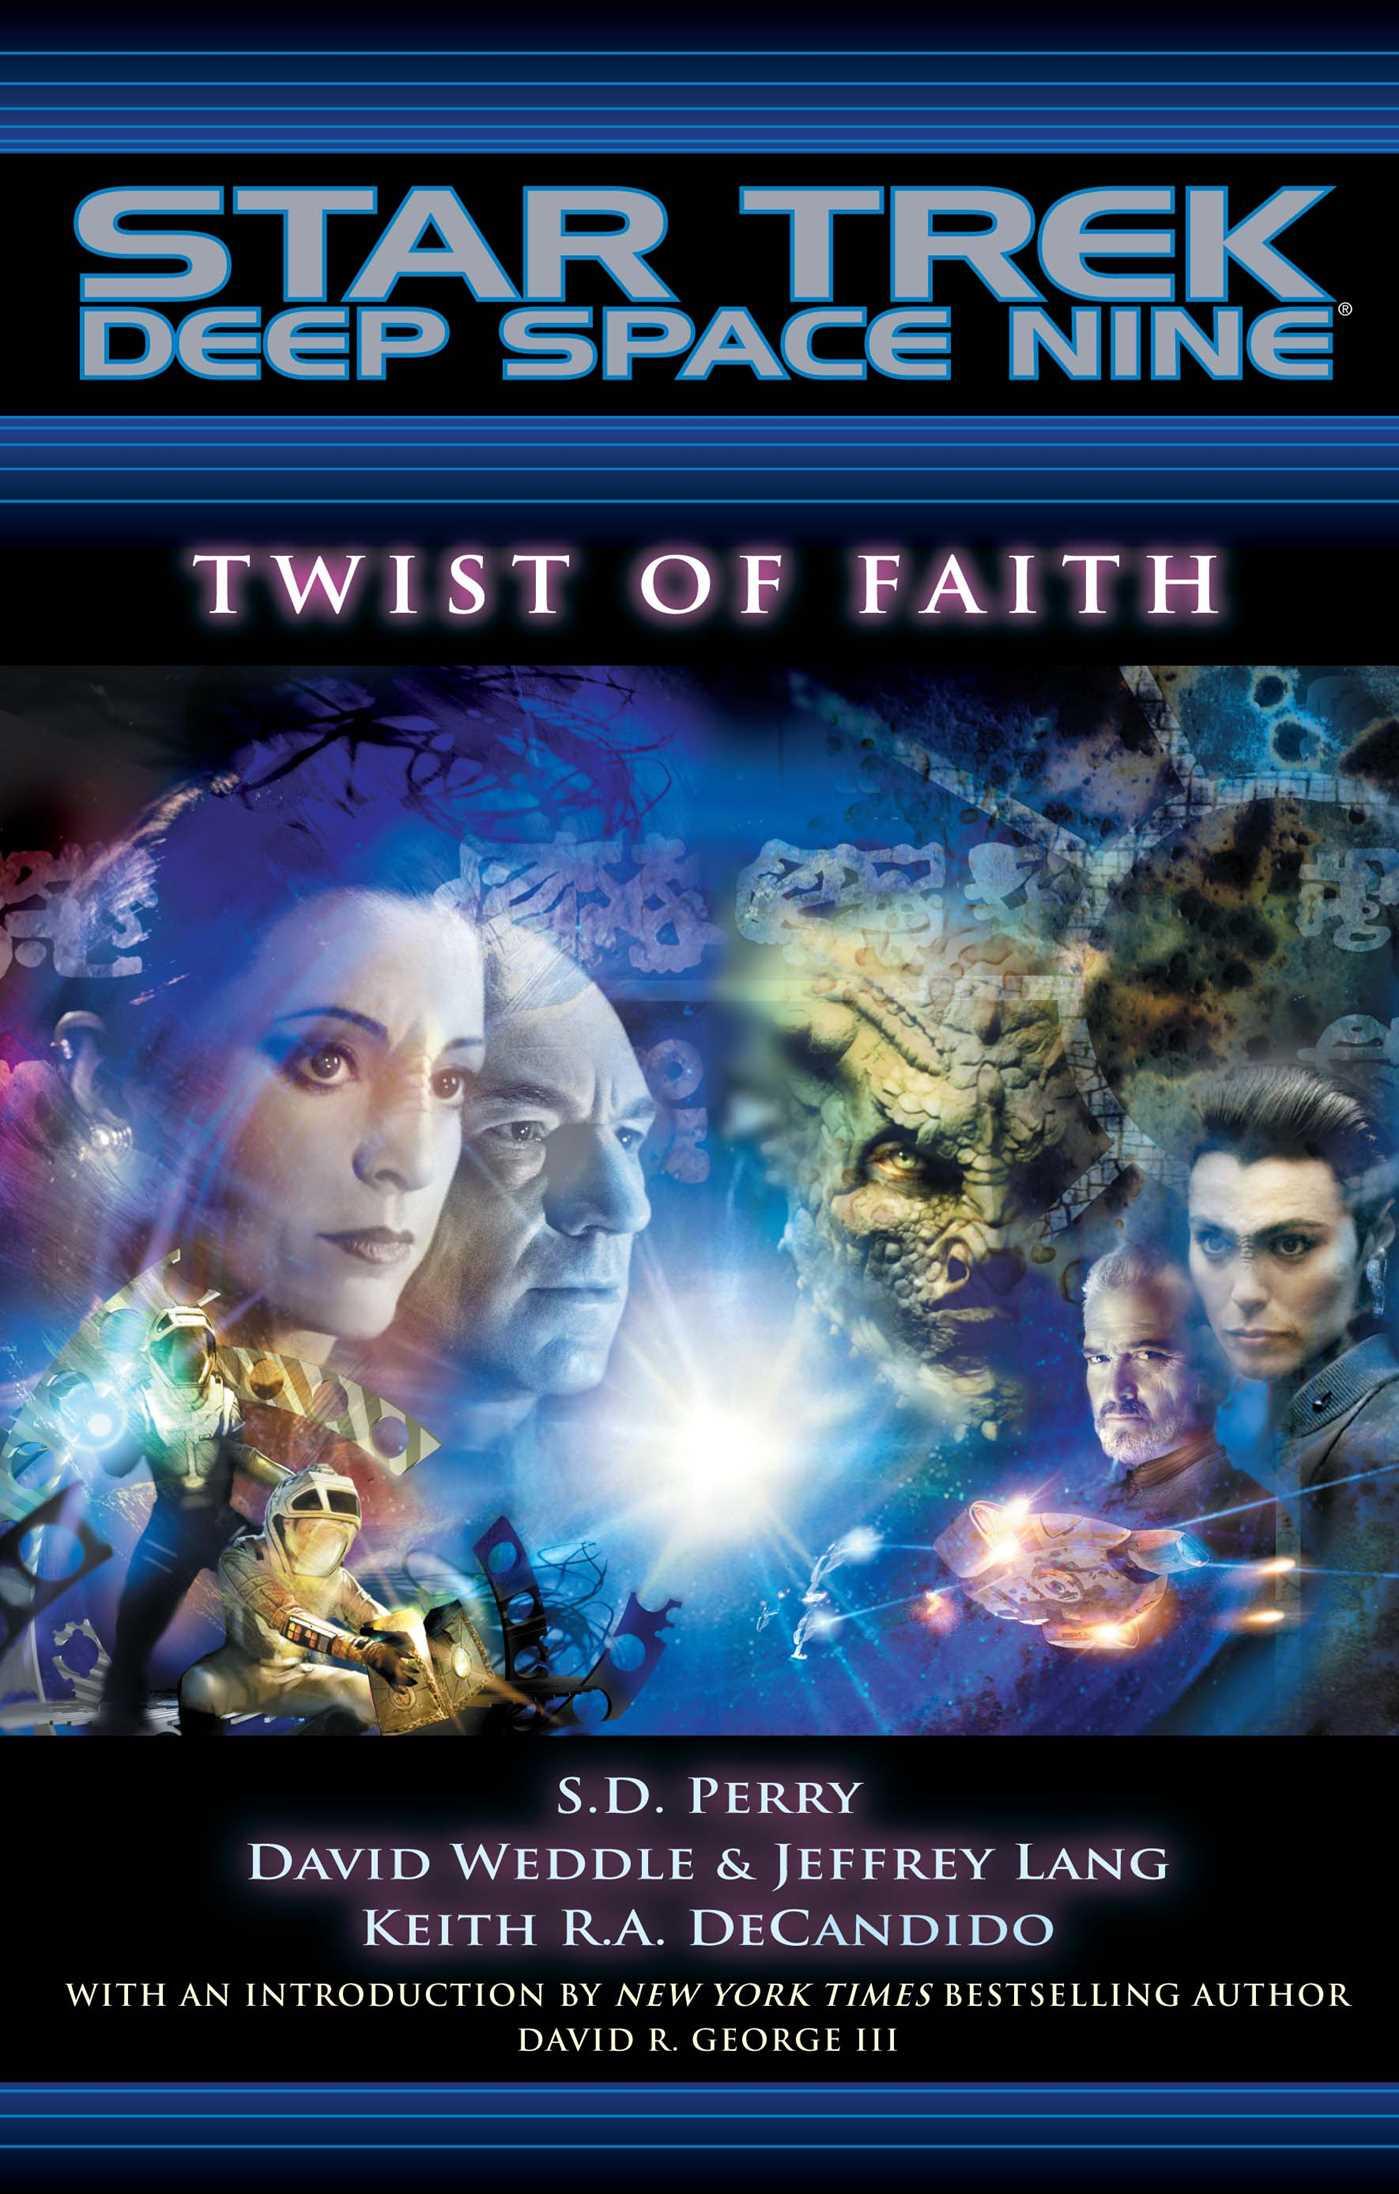 Twist of faith 9781416534150 hr